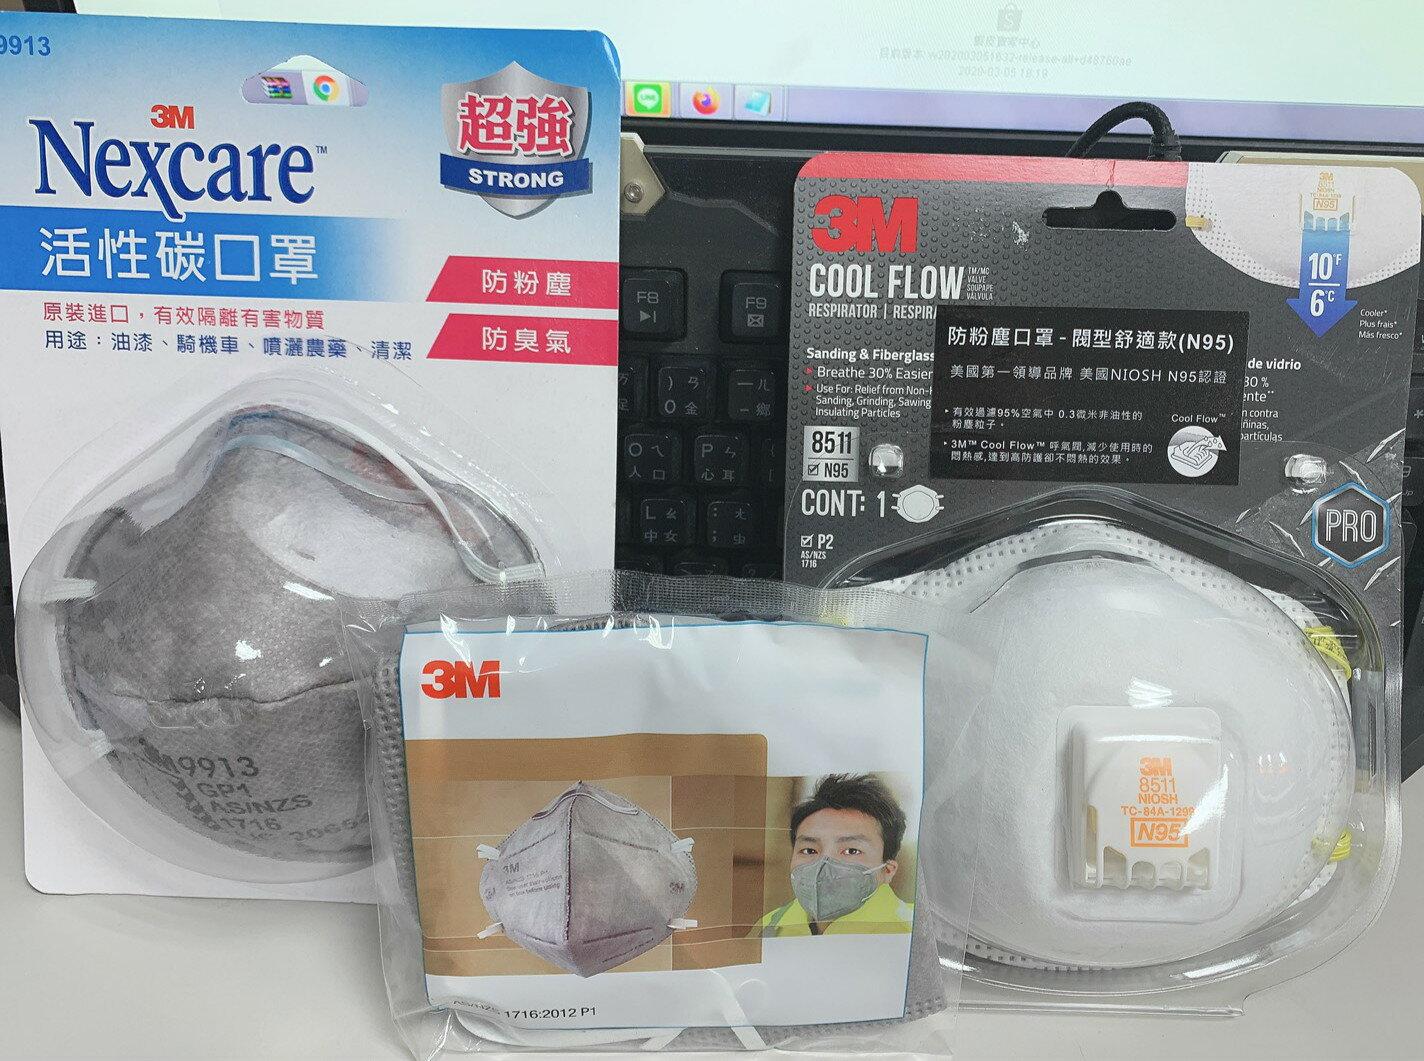 熊超人 N95 口罩  8511 單個包裝 9913 單個包裝 KN90 單個包裝 口罩 N90 獨立包裝 數量有限